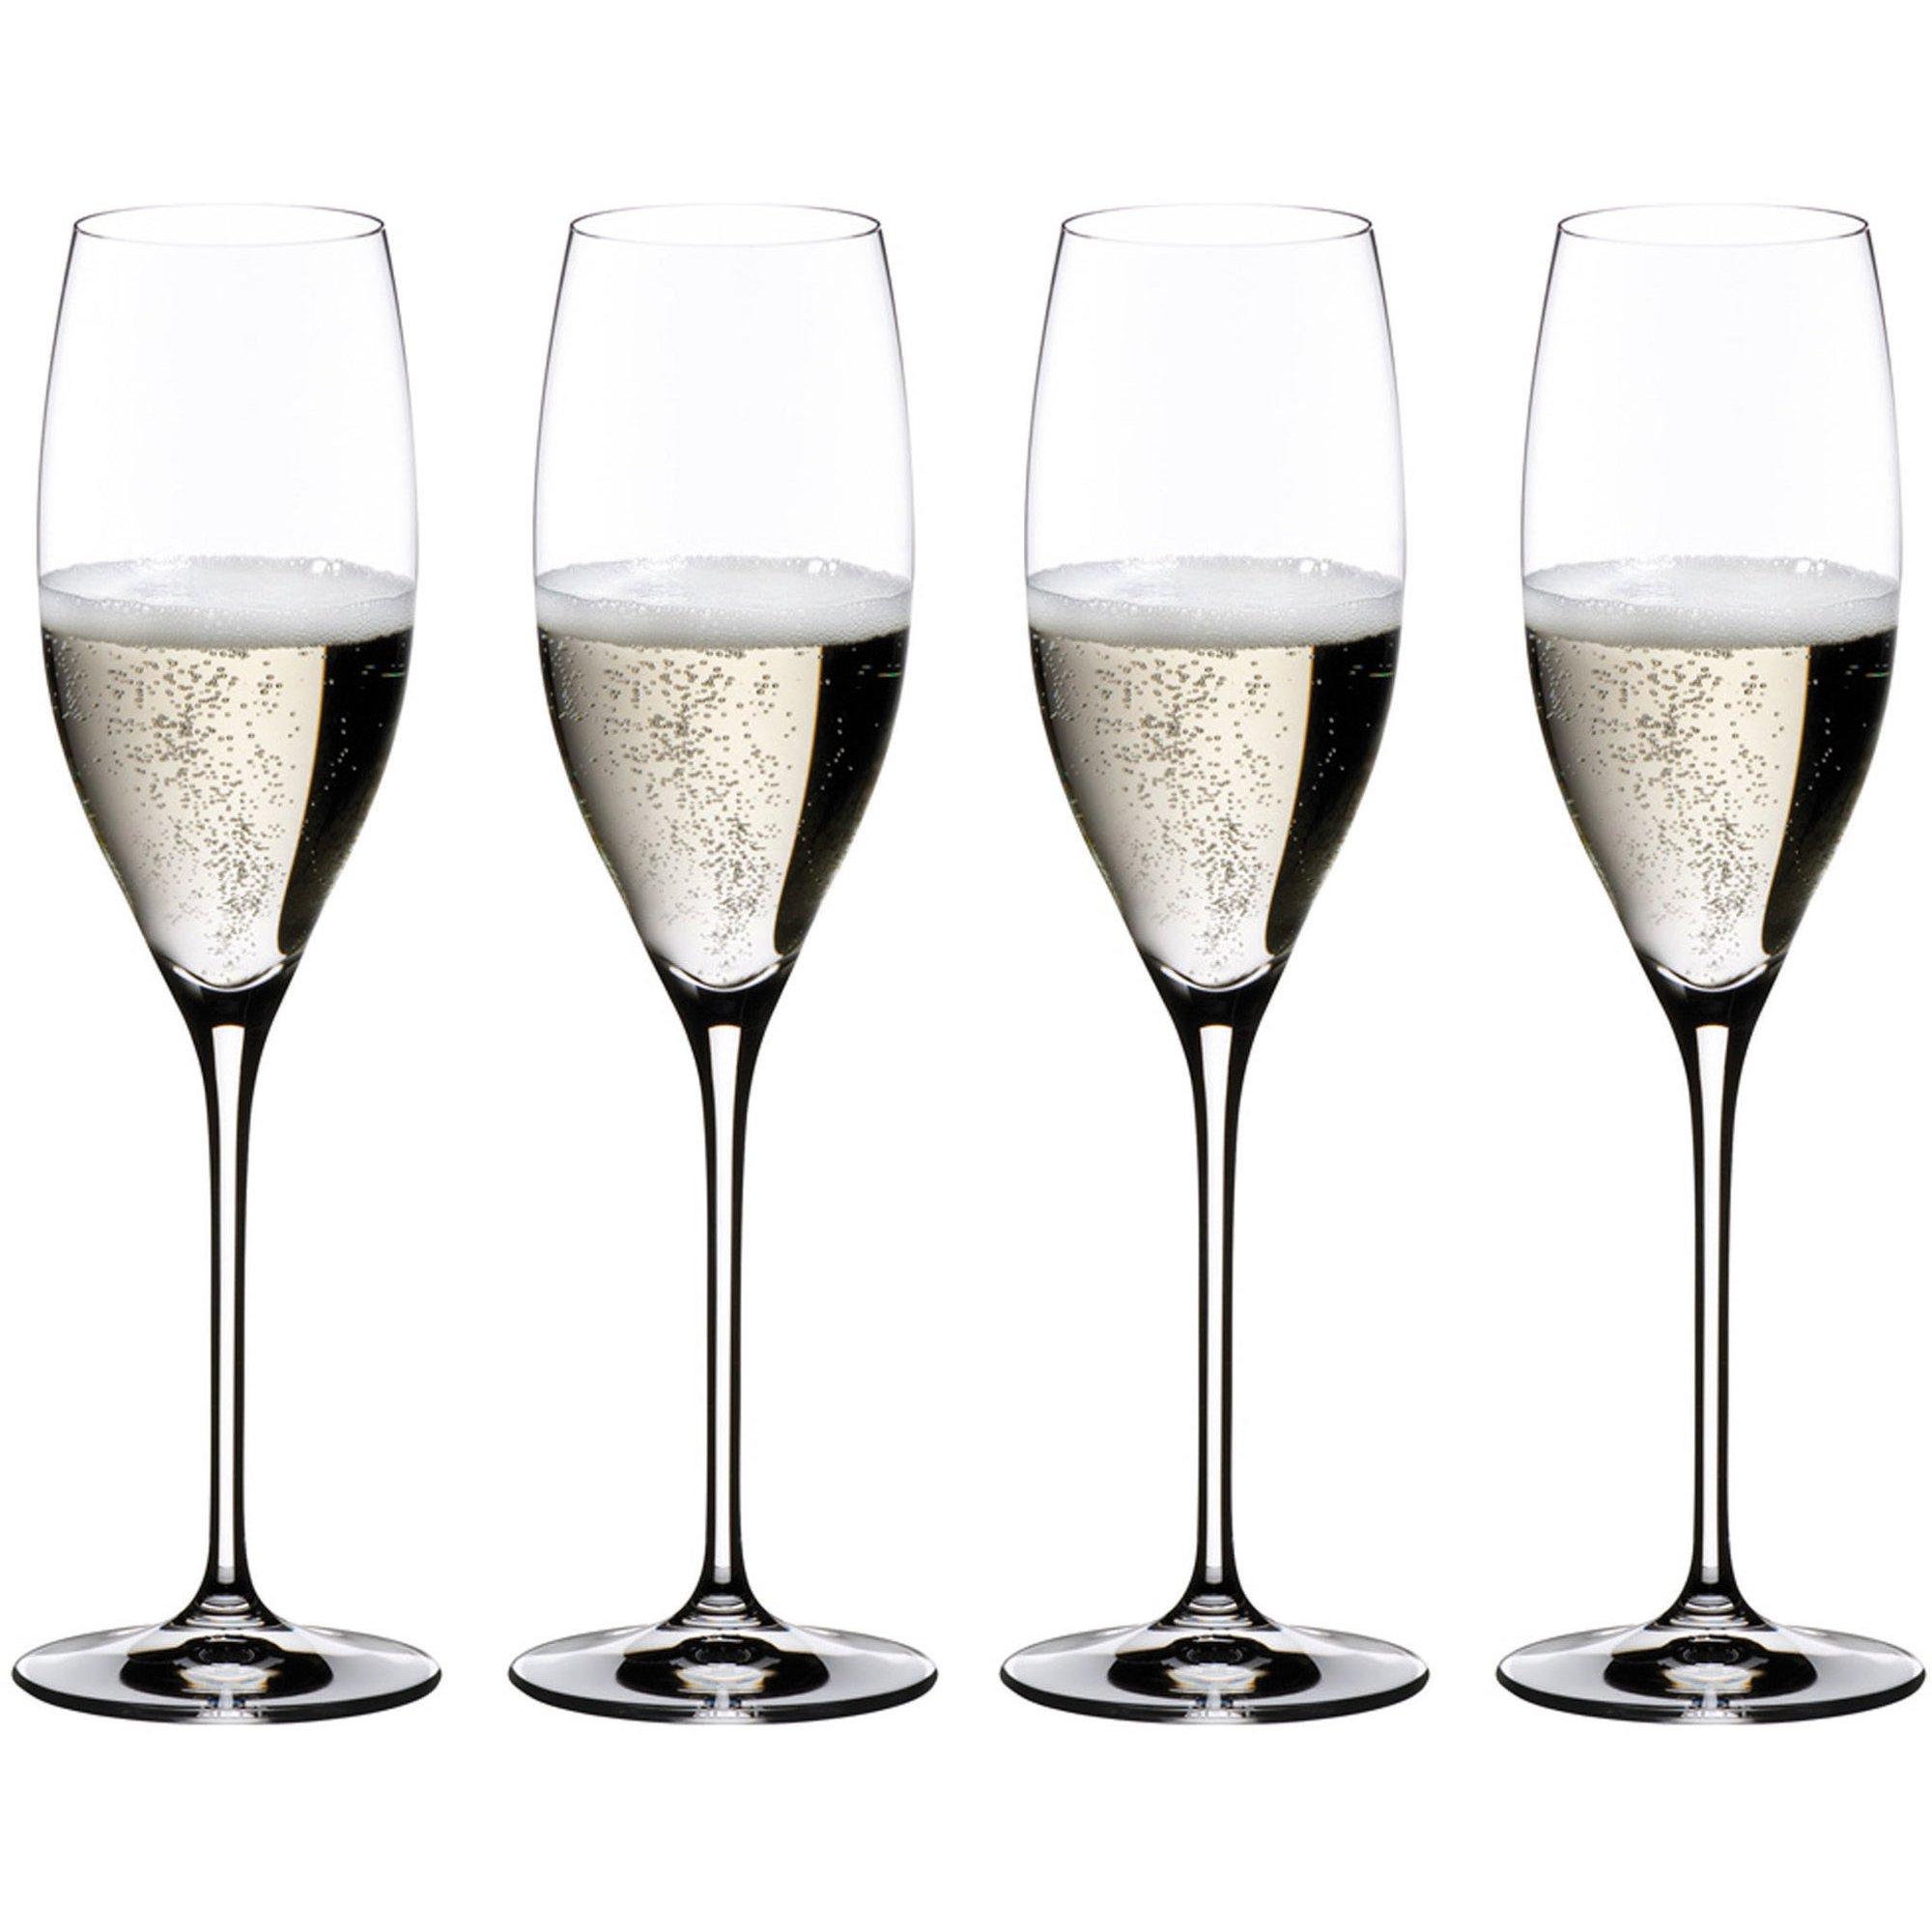 Riedel Vinum Cuvée Prestige champagneglas 4 st.